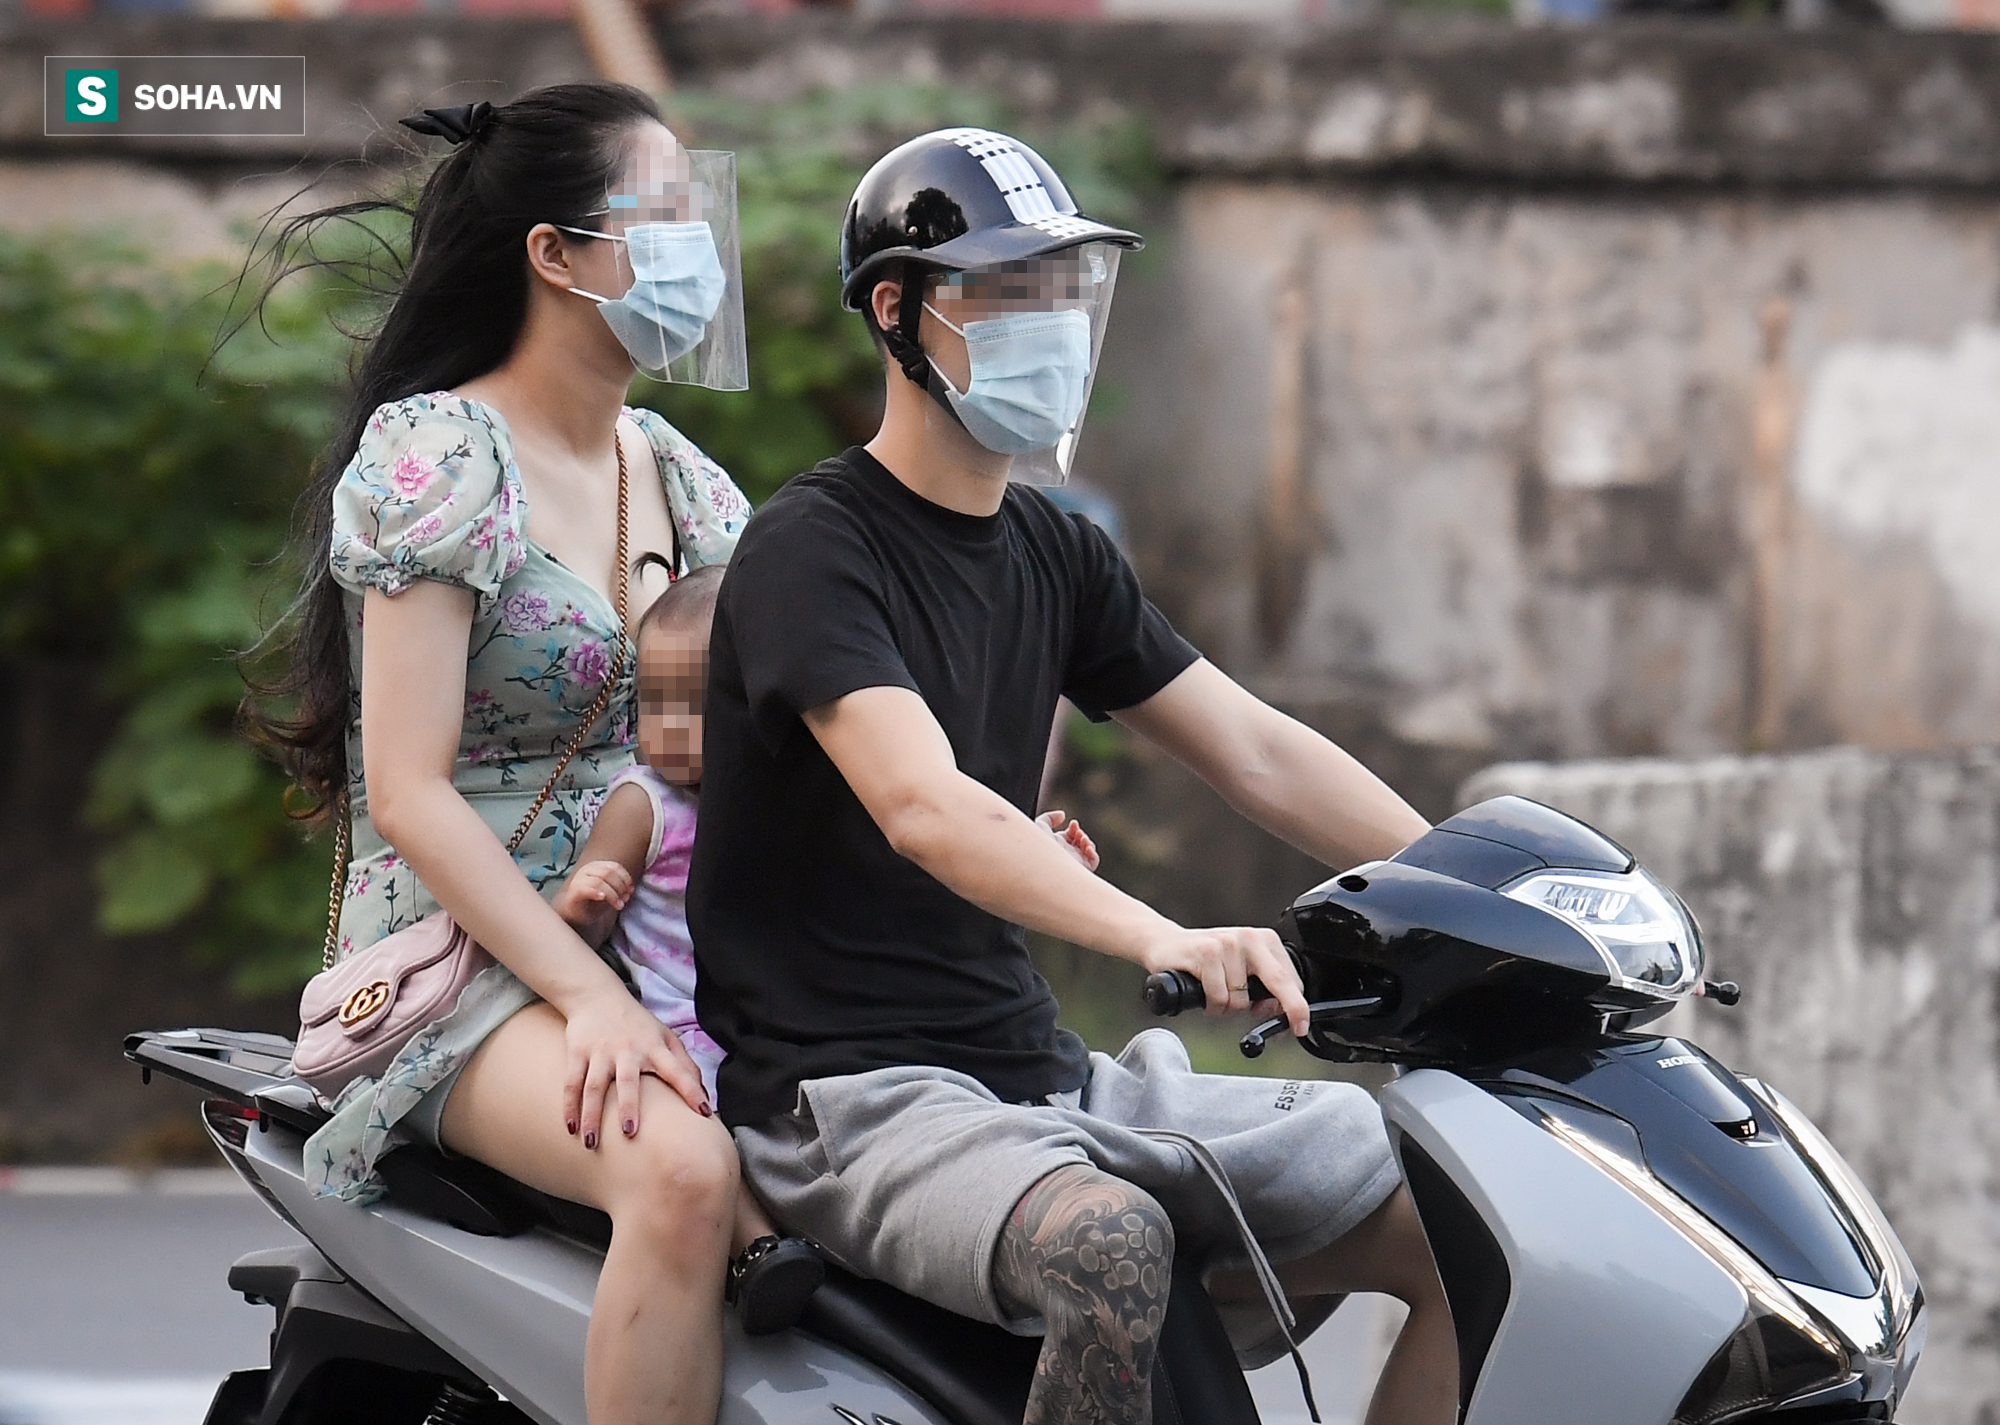 Ra đường mùa dịch: Nhiều người ở Hà Nội nhớ khẩu trang nhưng quên luật giao thông - Ảnh 5.